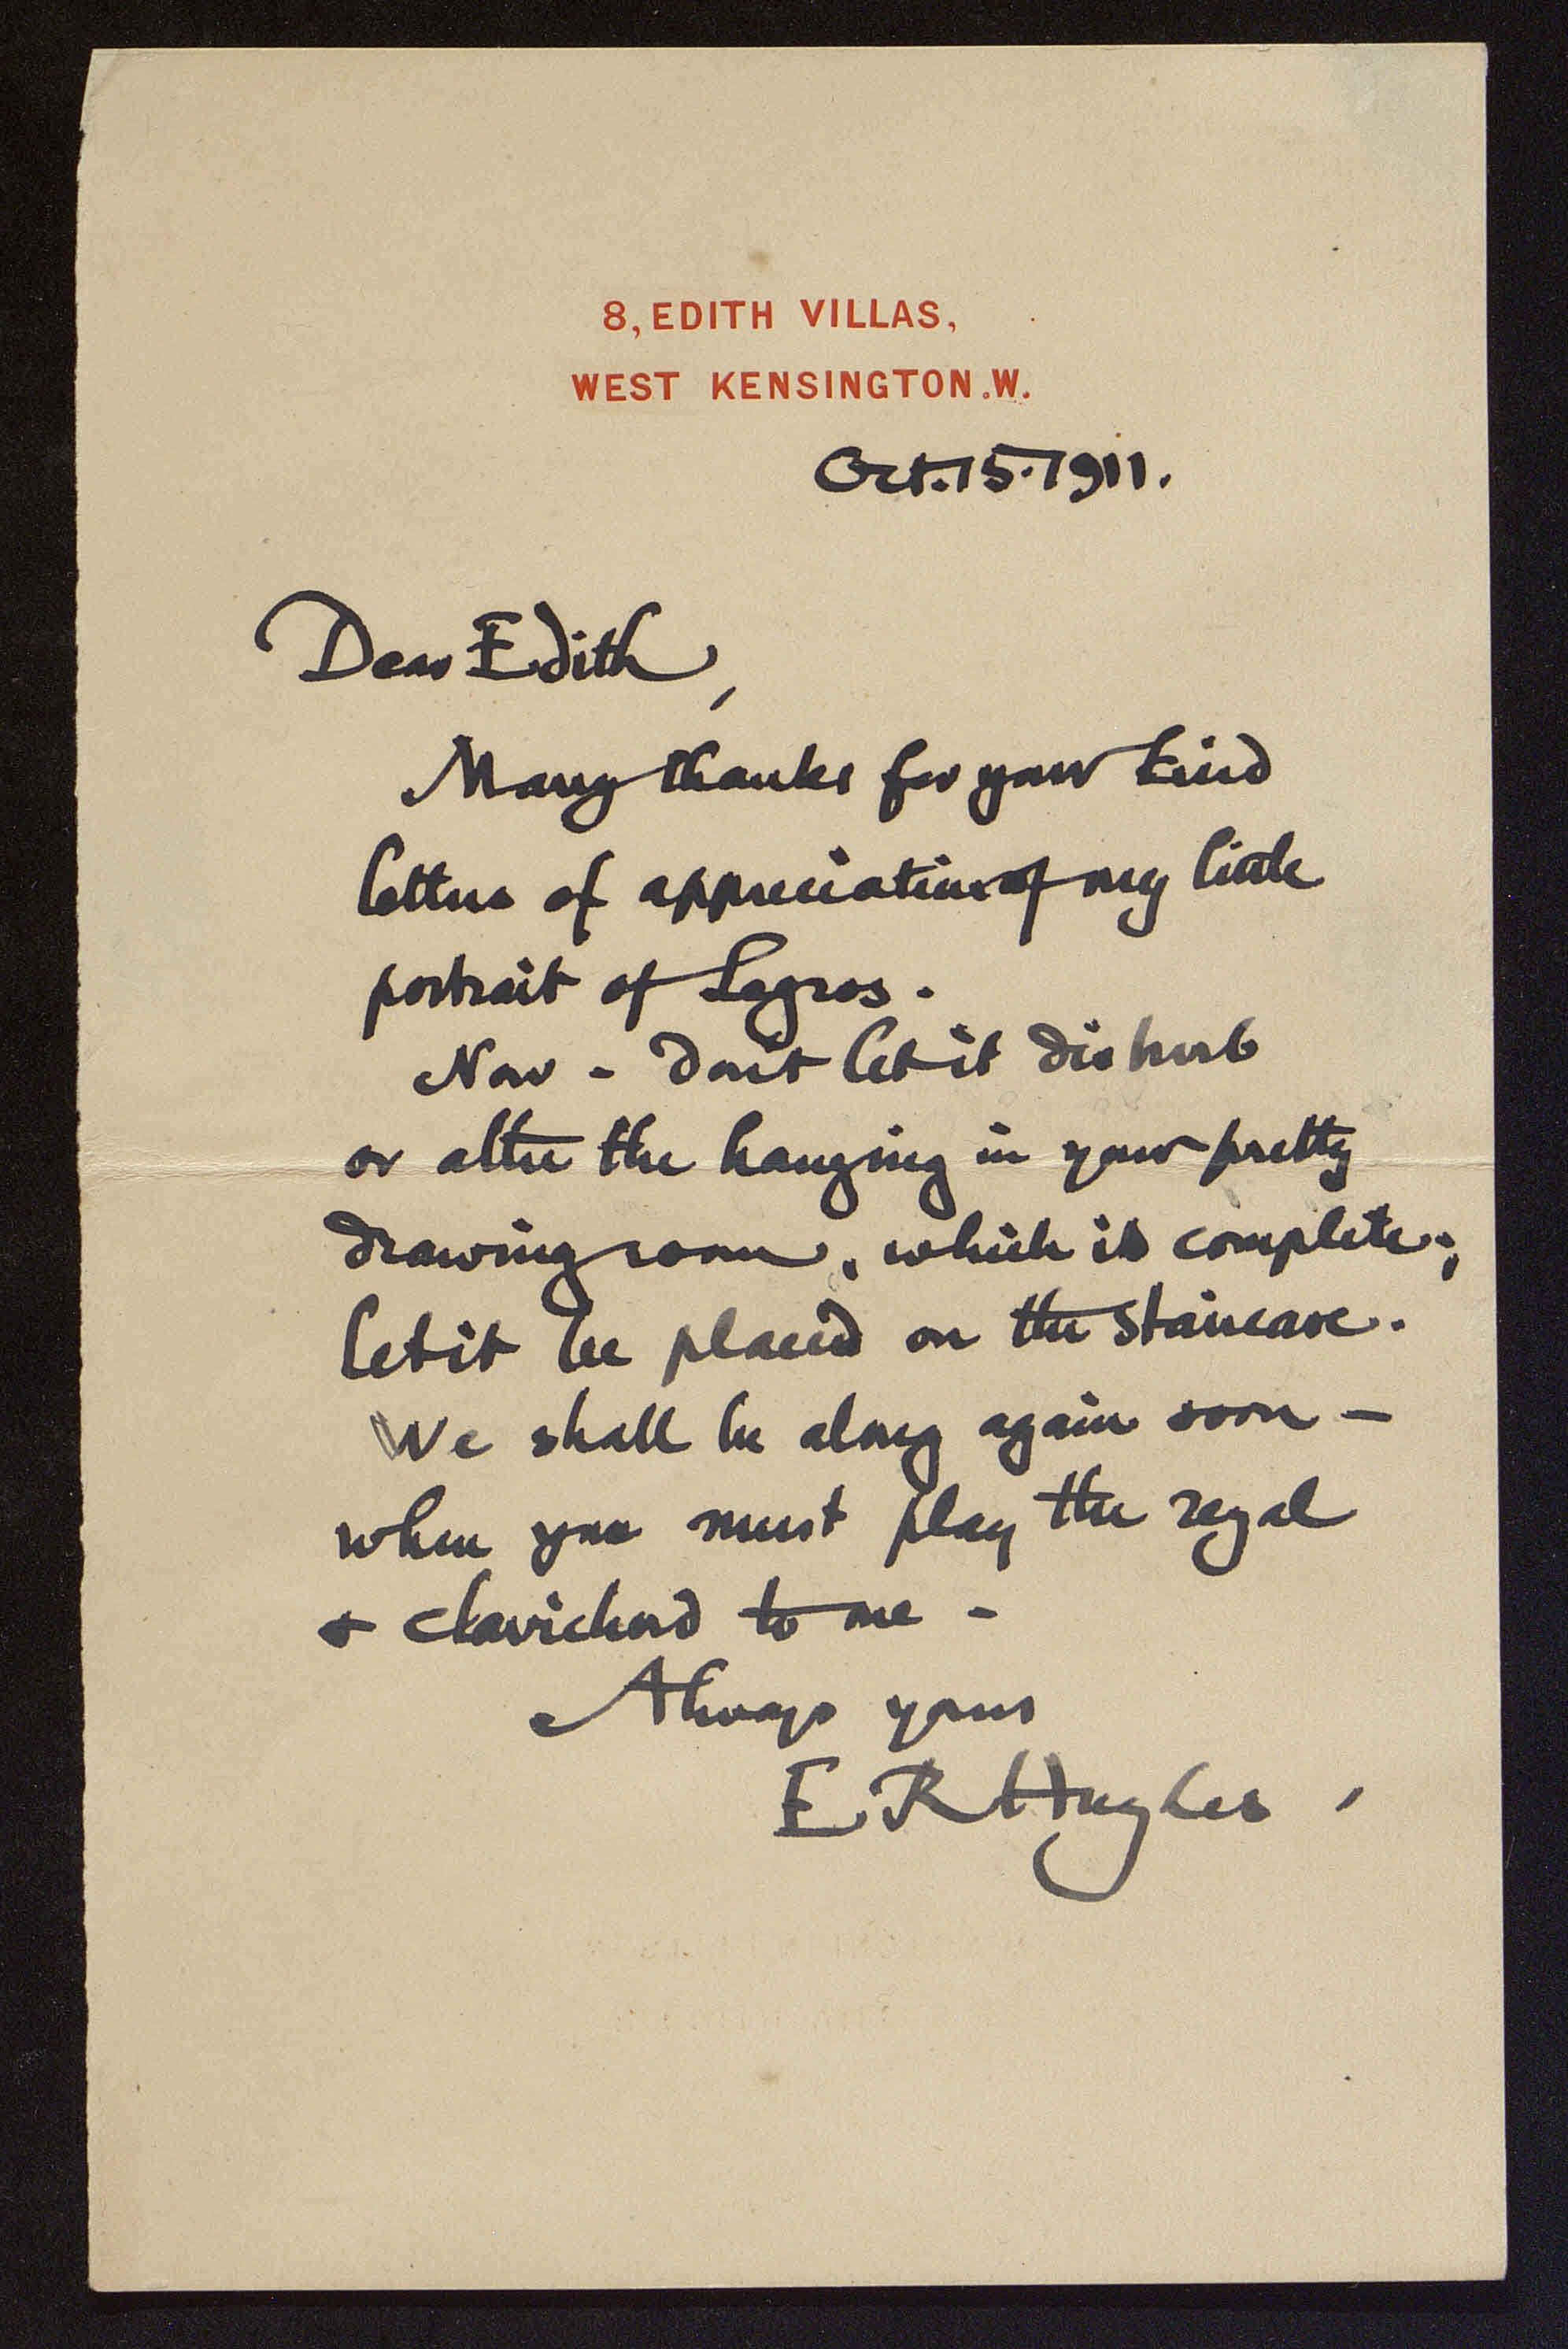 Edward Robert (E. R.) Hughes